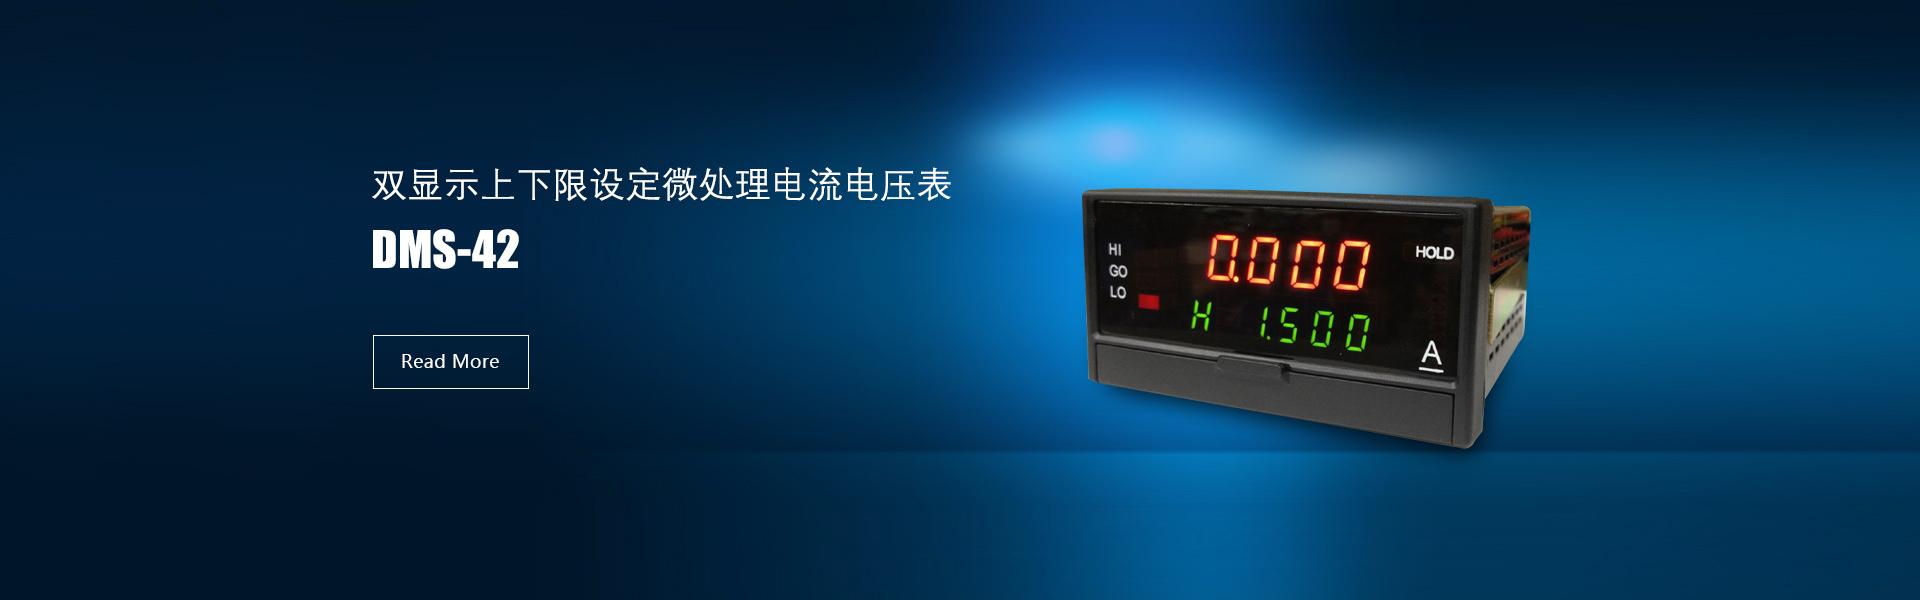 DMS-42双显示上下限设定微处理电流电压表